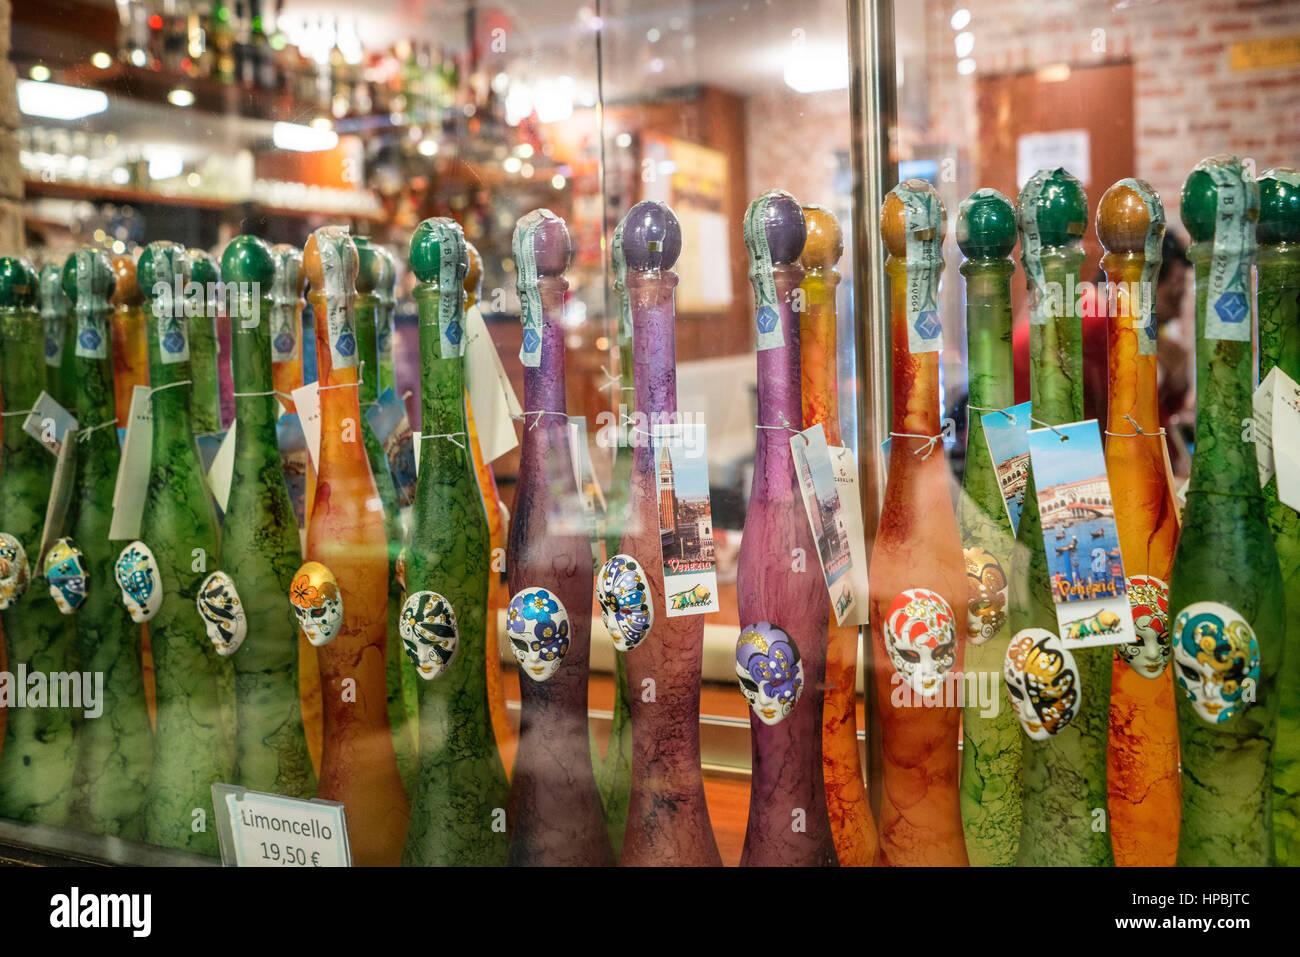 RAW von Limoncello-Likör-Flaschen, Venedig, Italien Stockbild